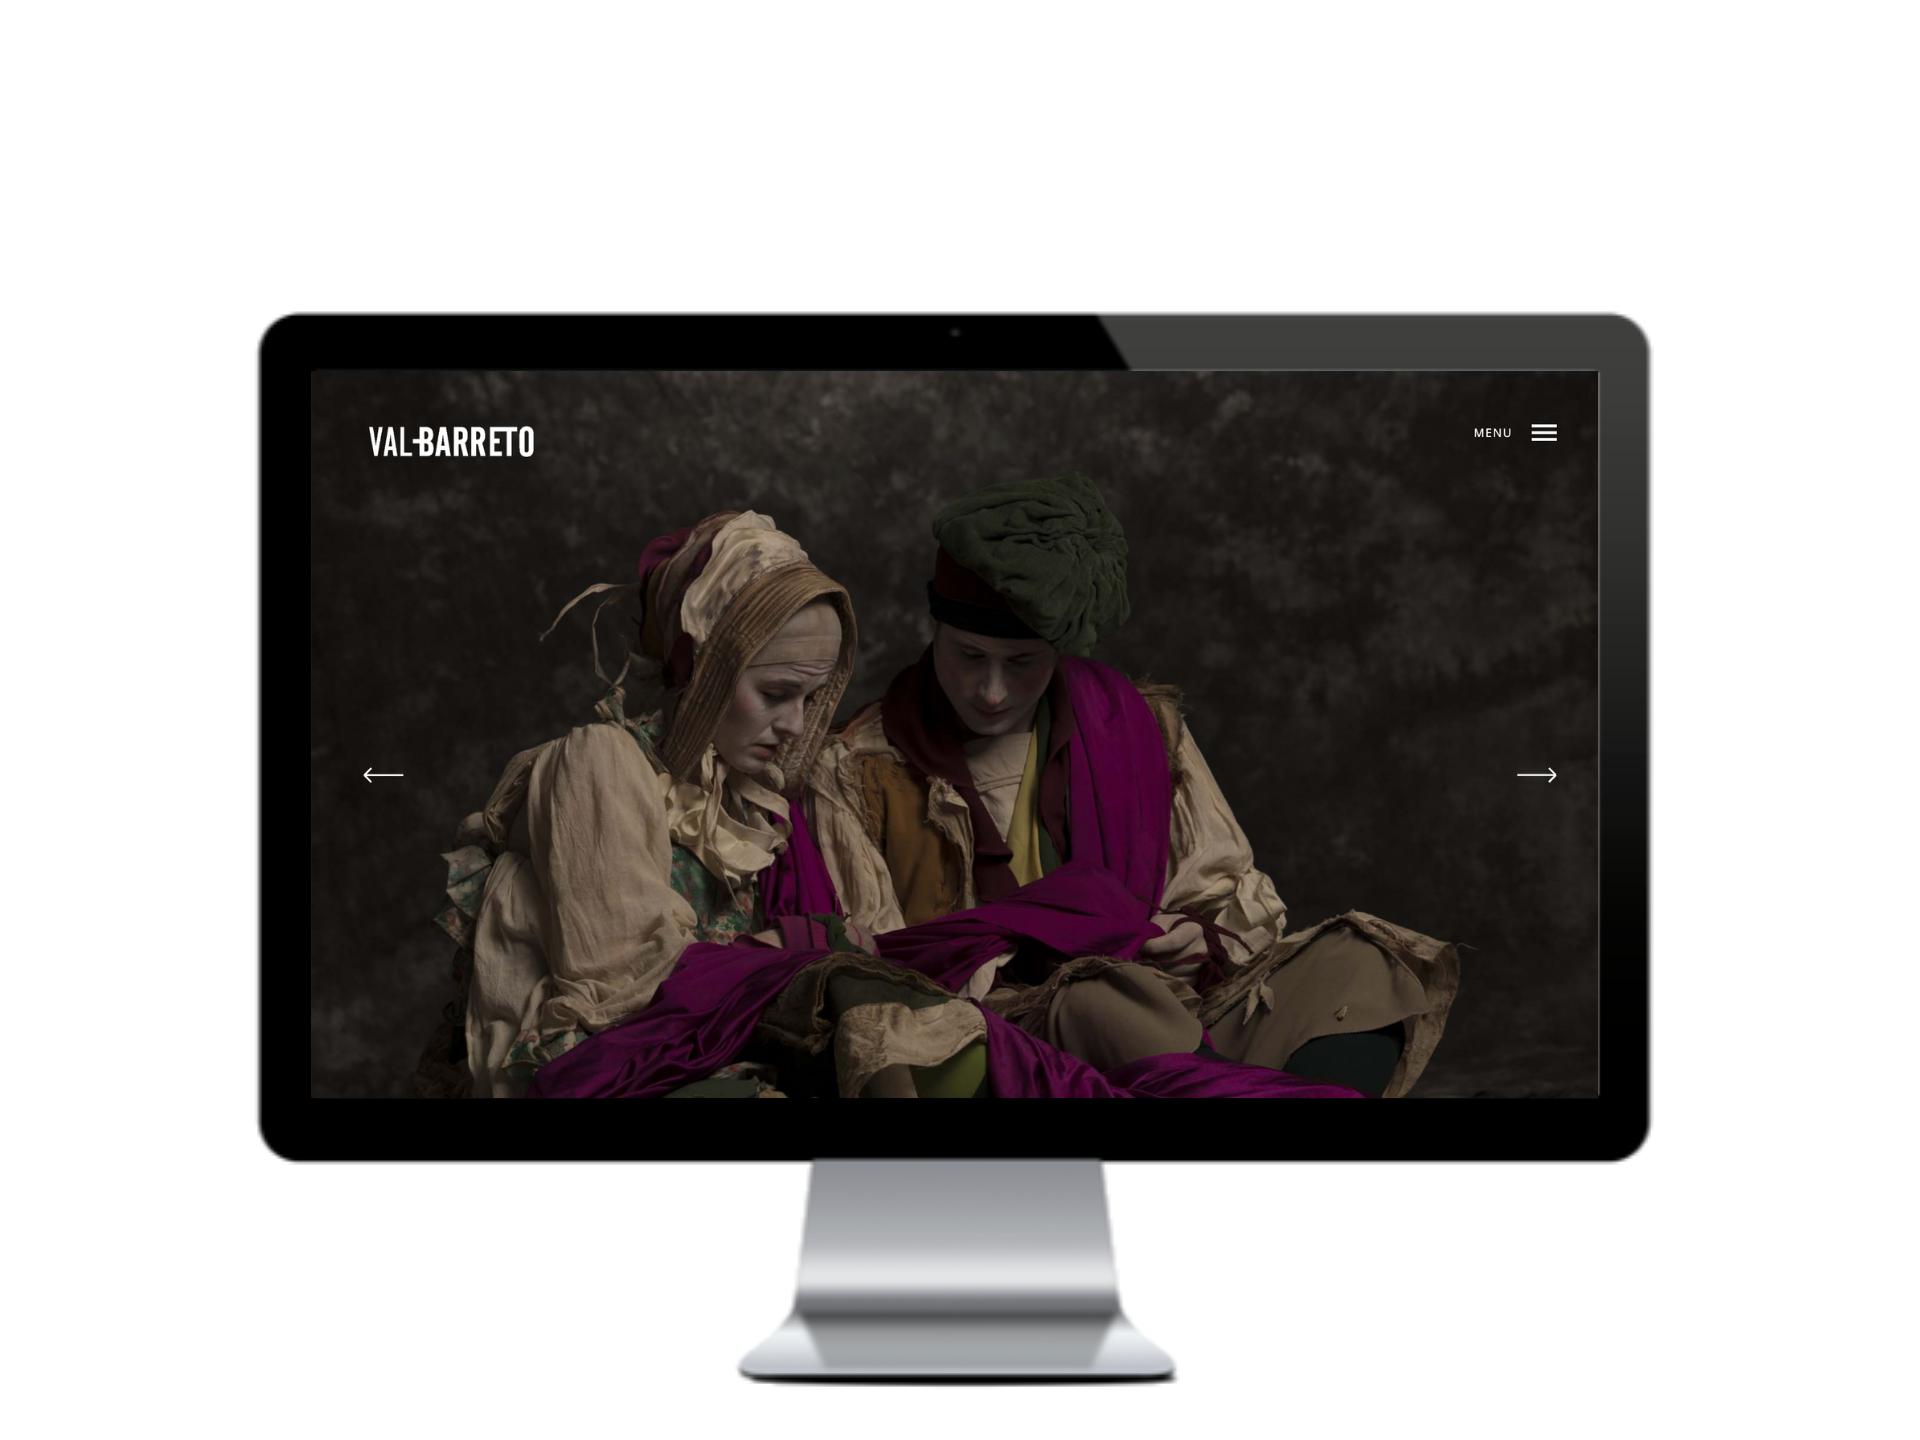 valbarreto.com